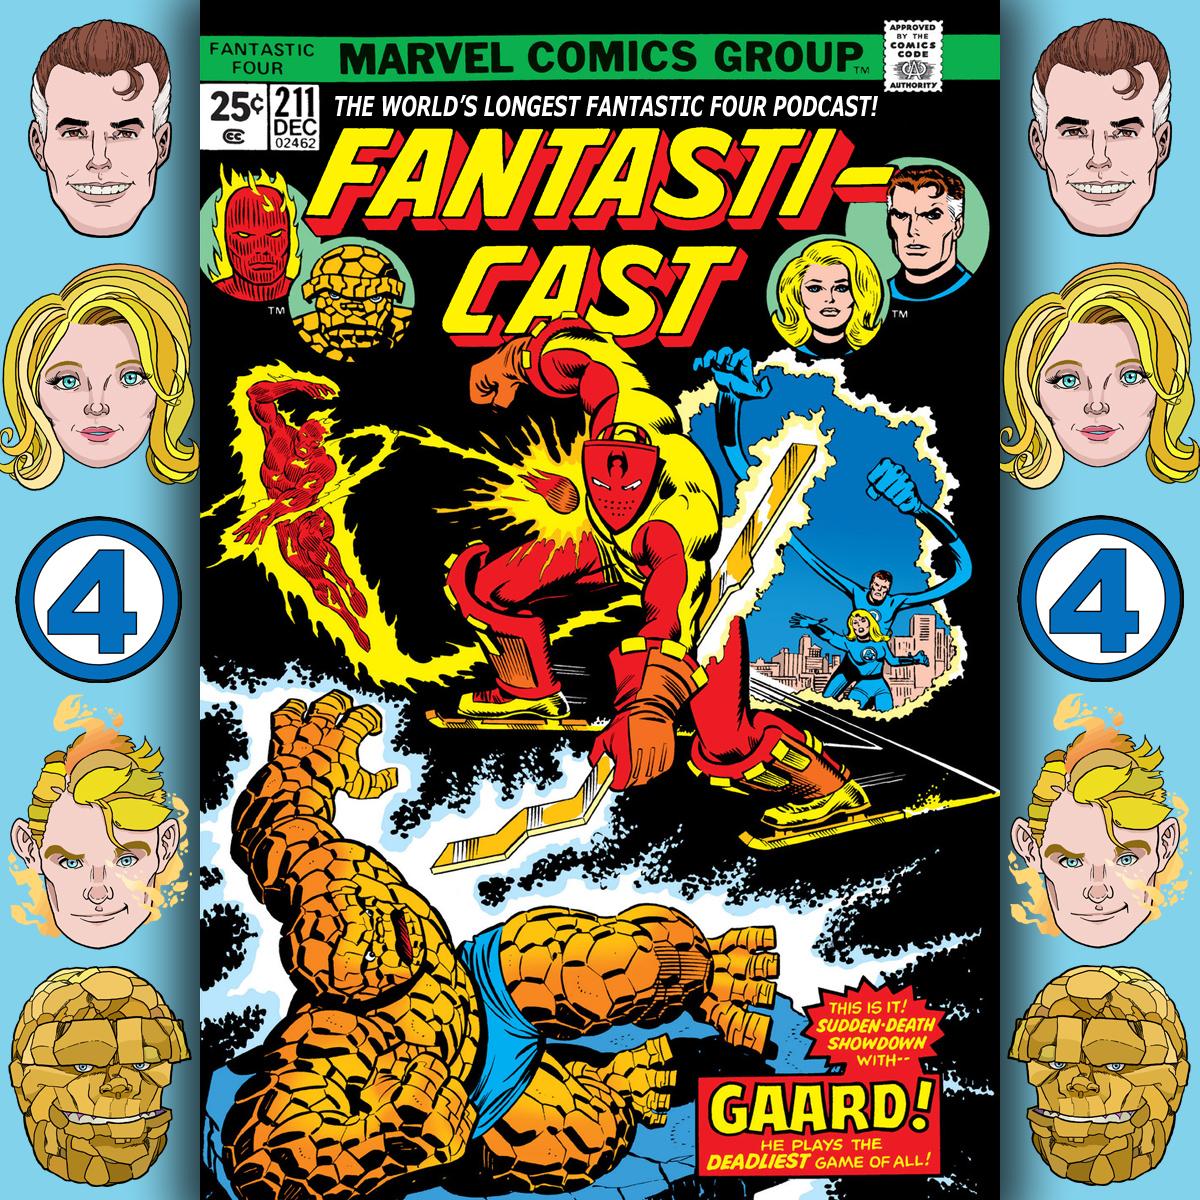 The Fantasticast Episode 211